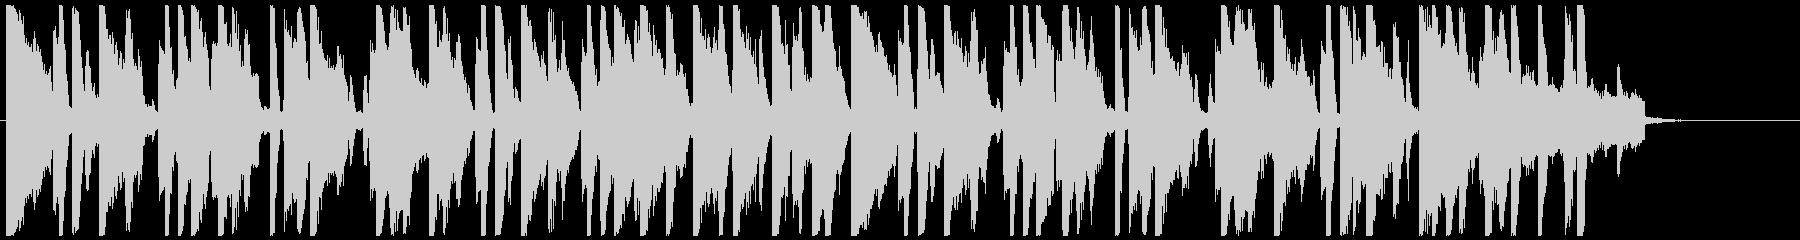 Kawaii系の穏やかな短めのBGMの未再生の波形